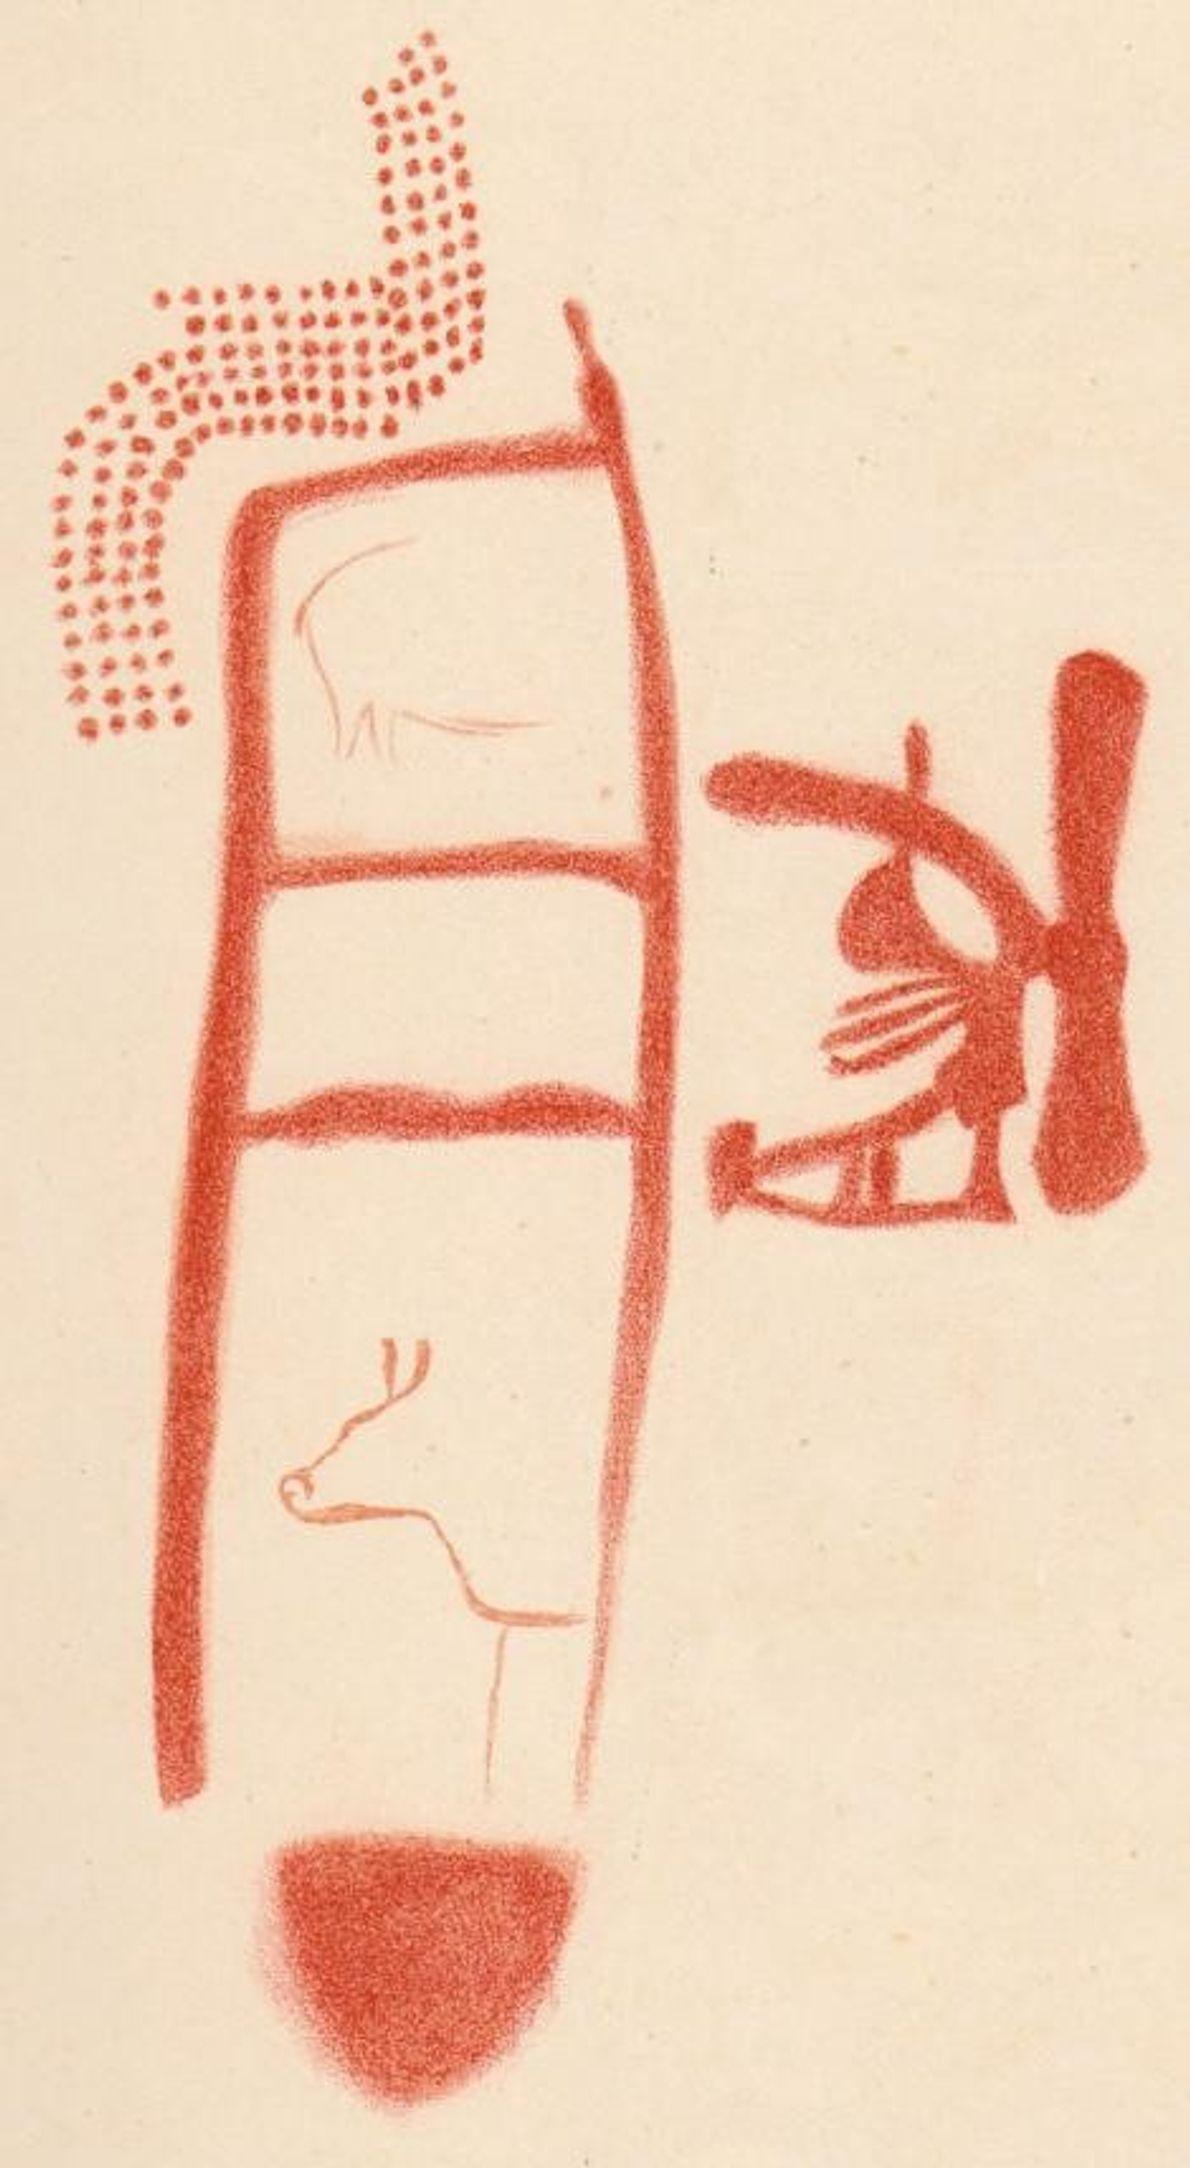 Un dessin montre des animaux et d'autres symboles autour de la forme de l'échelle. Il est ...